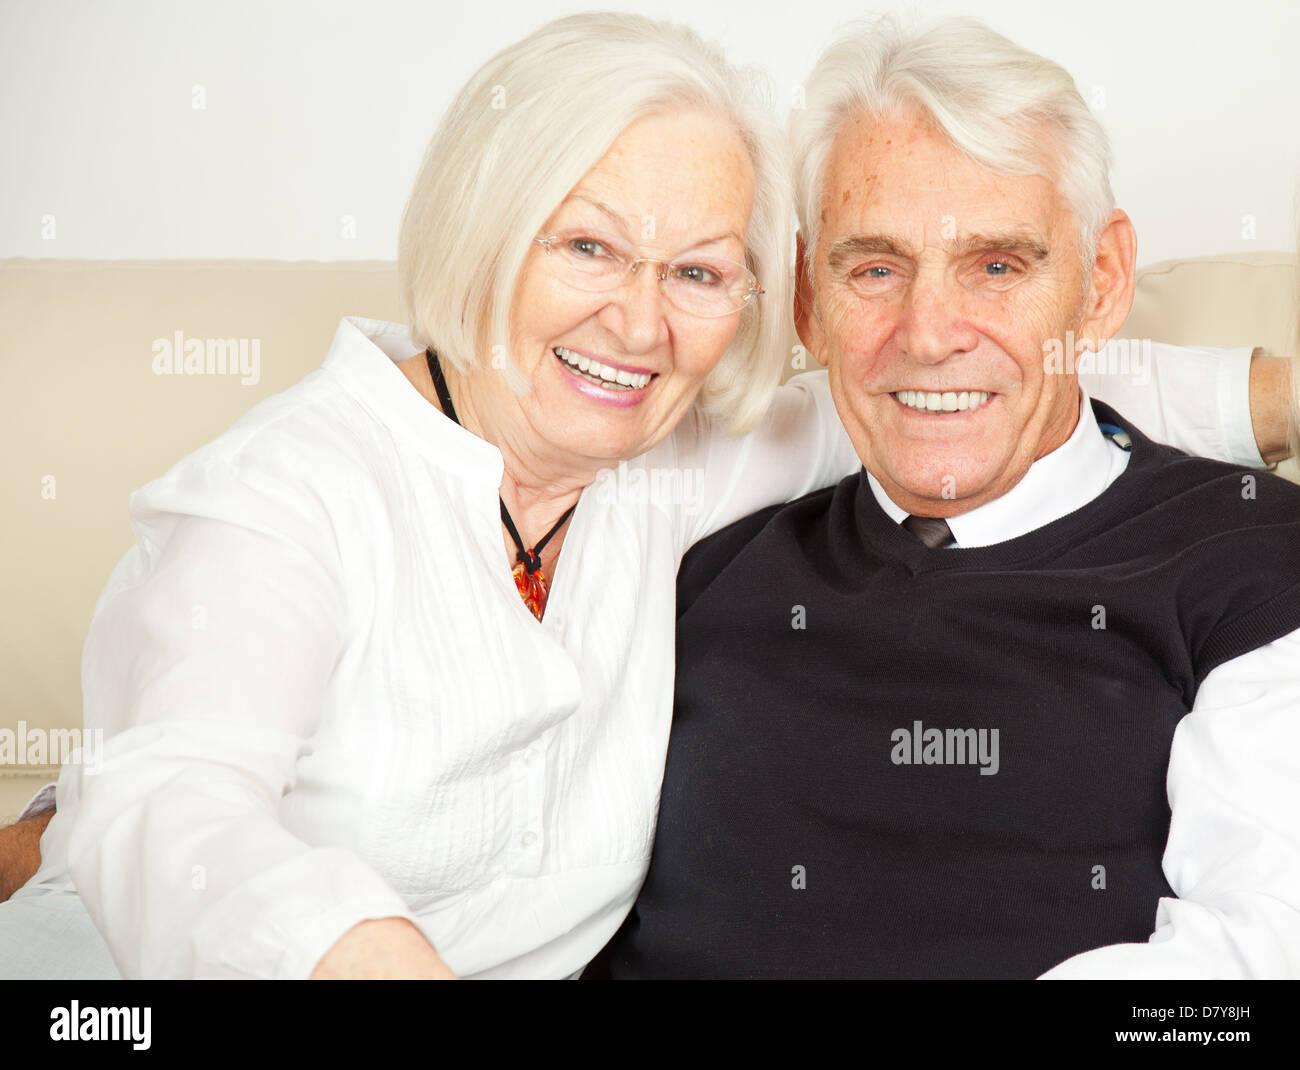 zwei senioren lachen Stock Photo